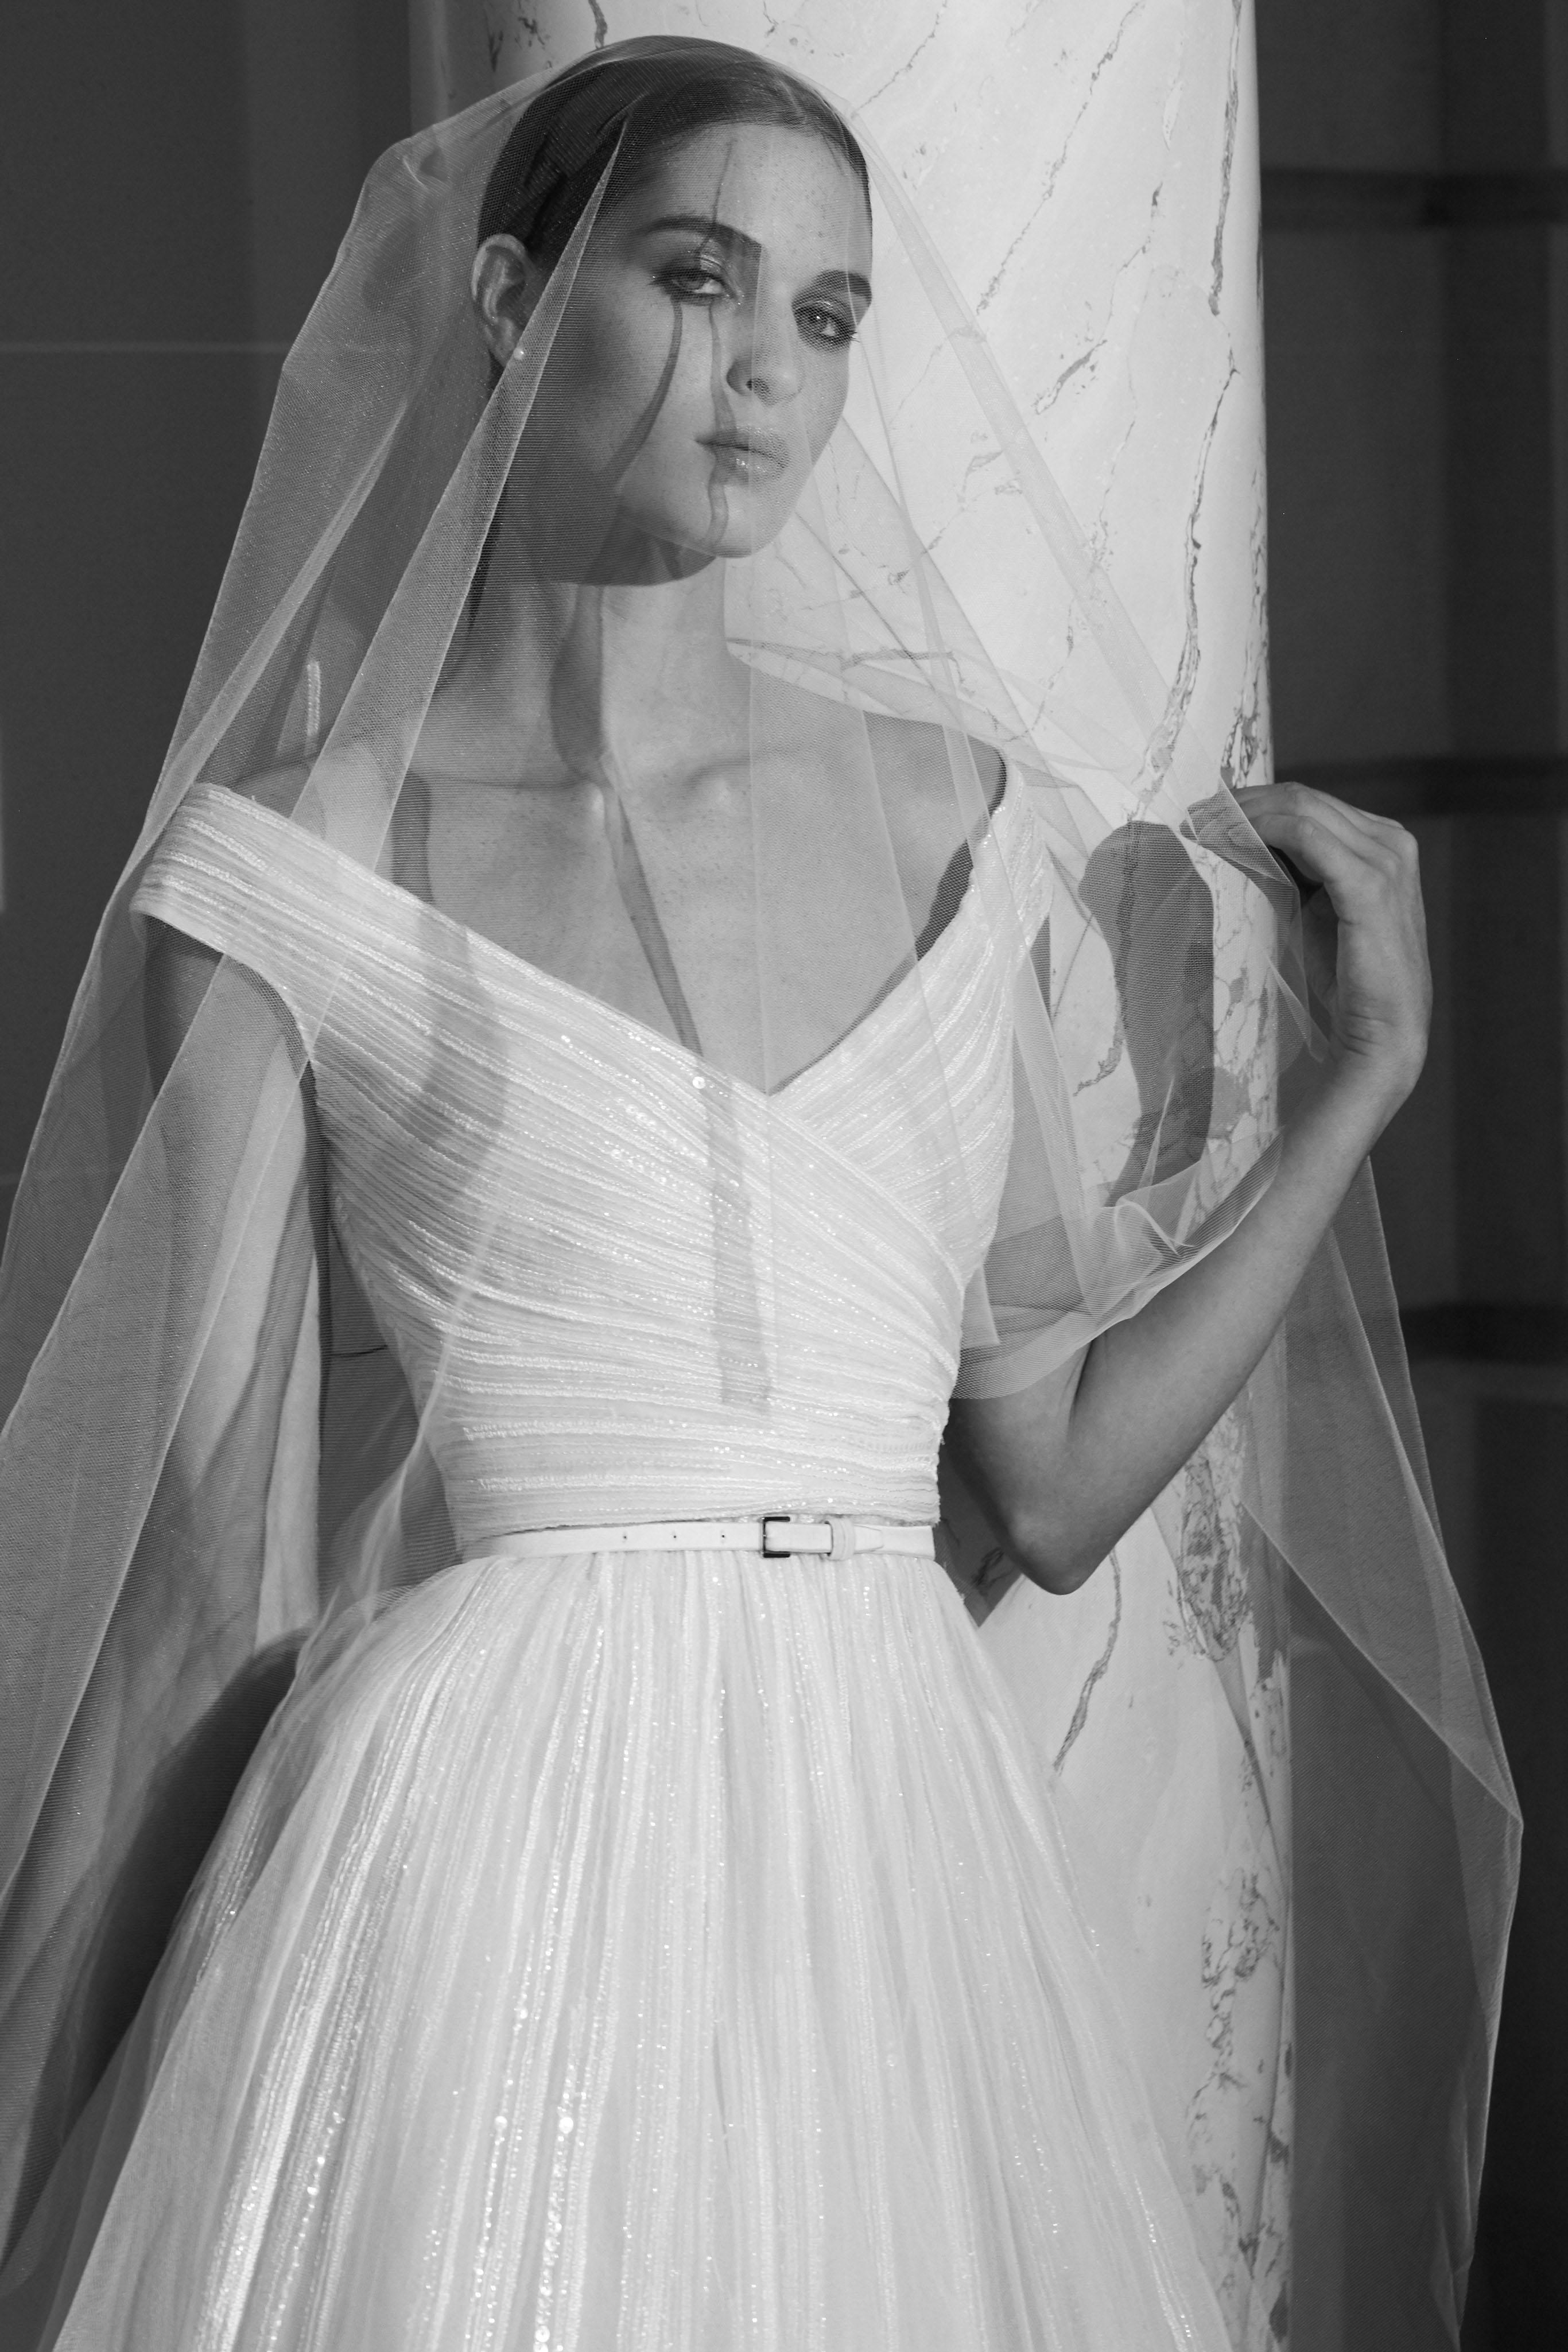 elie saab fall 2019 off the shoulder v-neck wedding dress